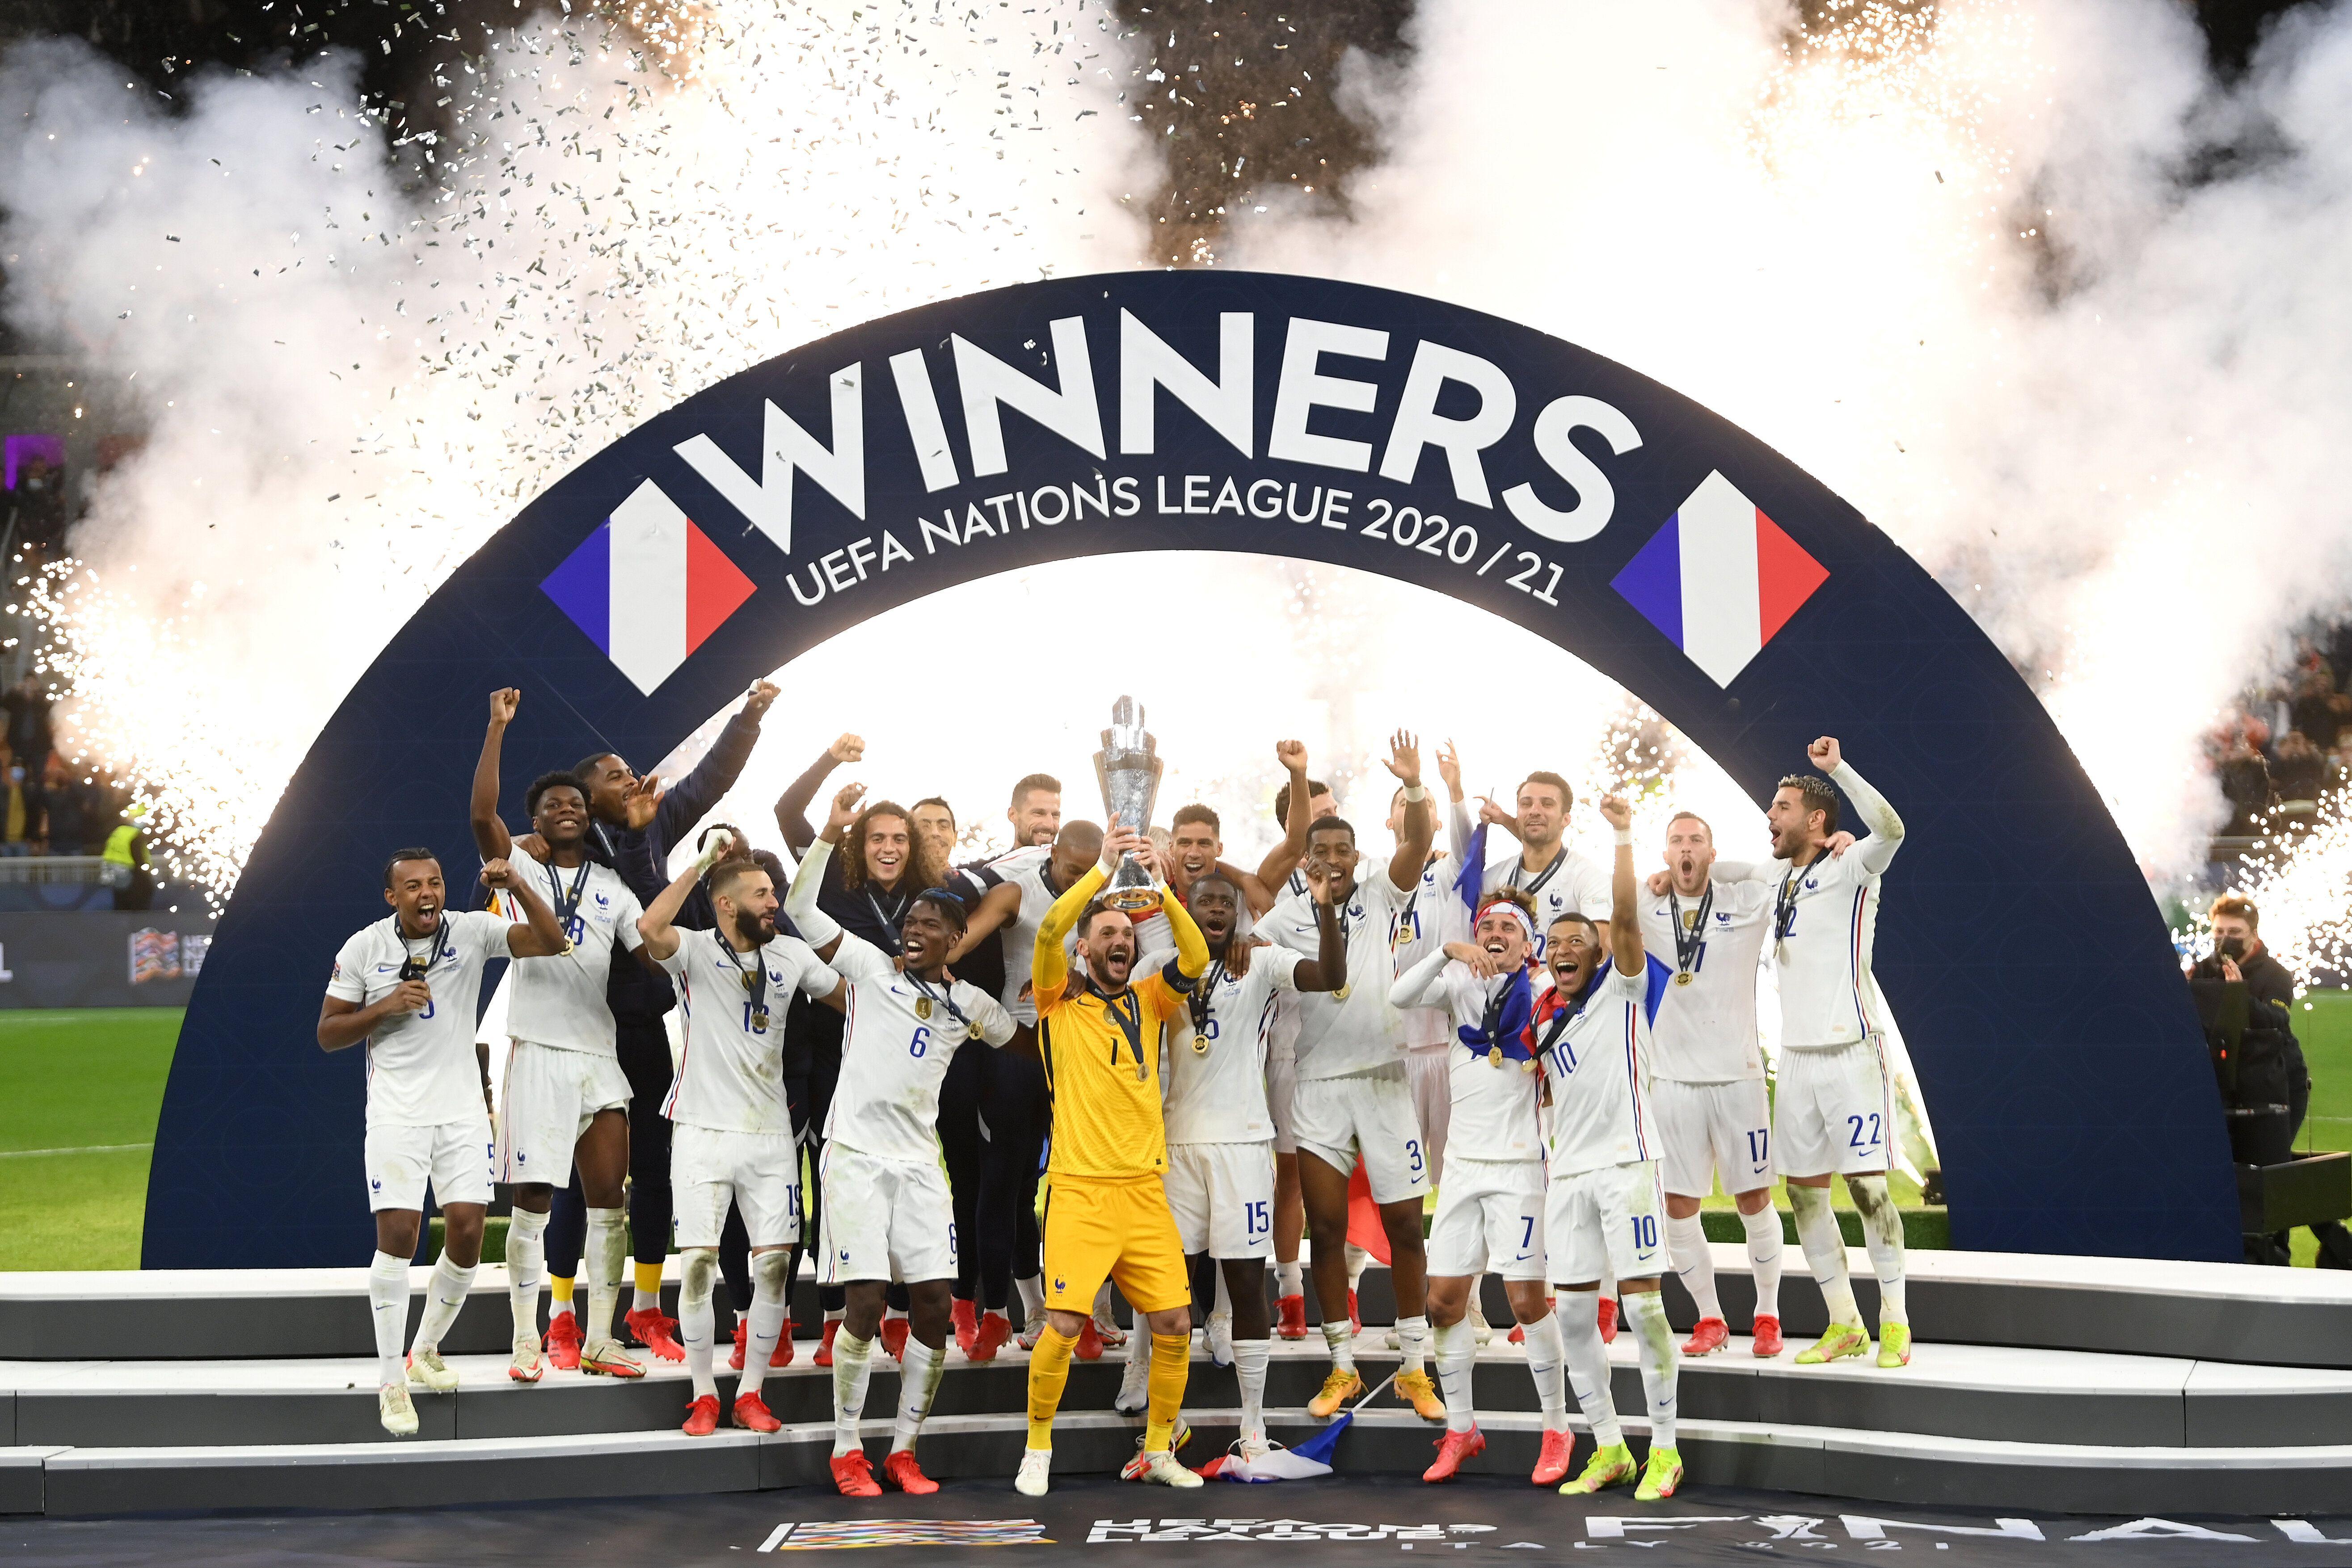 L'équipe de France soulevant pour la première fois le trophée de la Ligue des nations,...